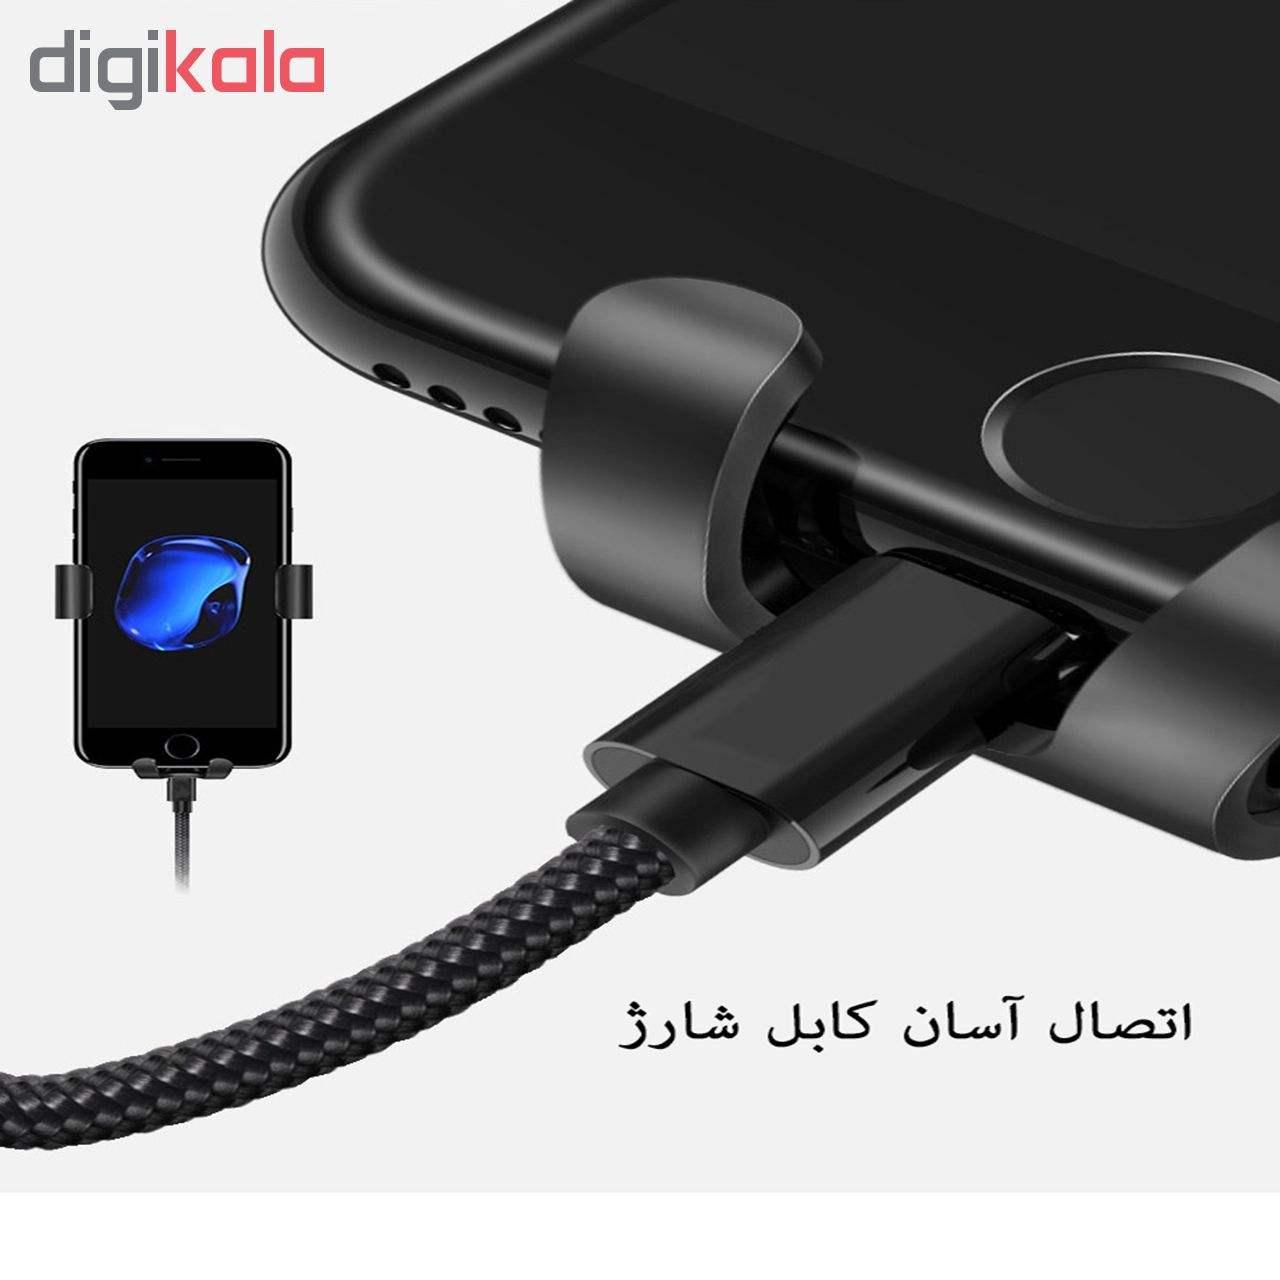 پایه نگهدارنده گوشی موبایل یسیدو مدل C44 main 1 9